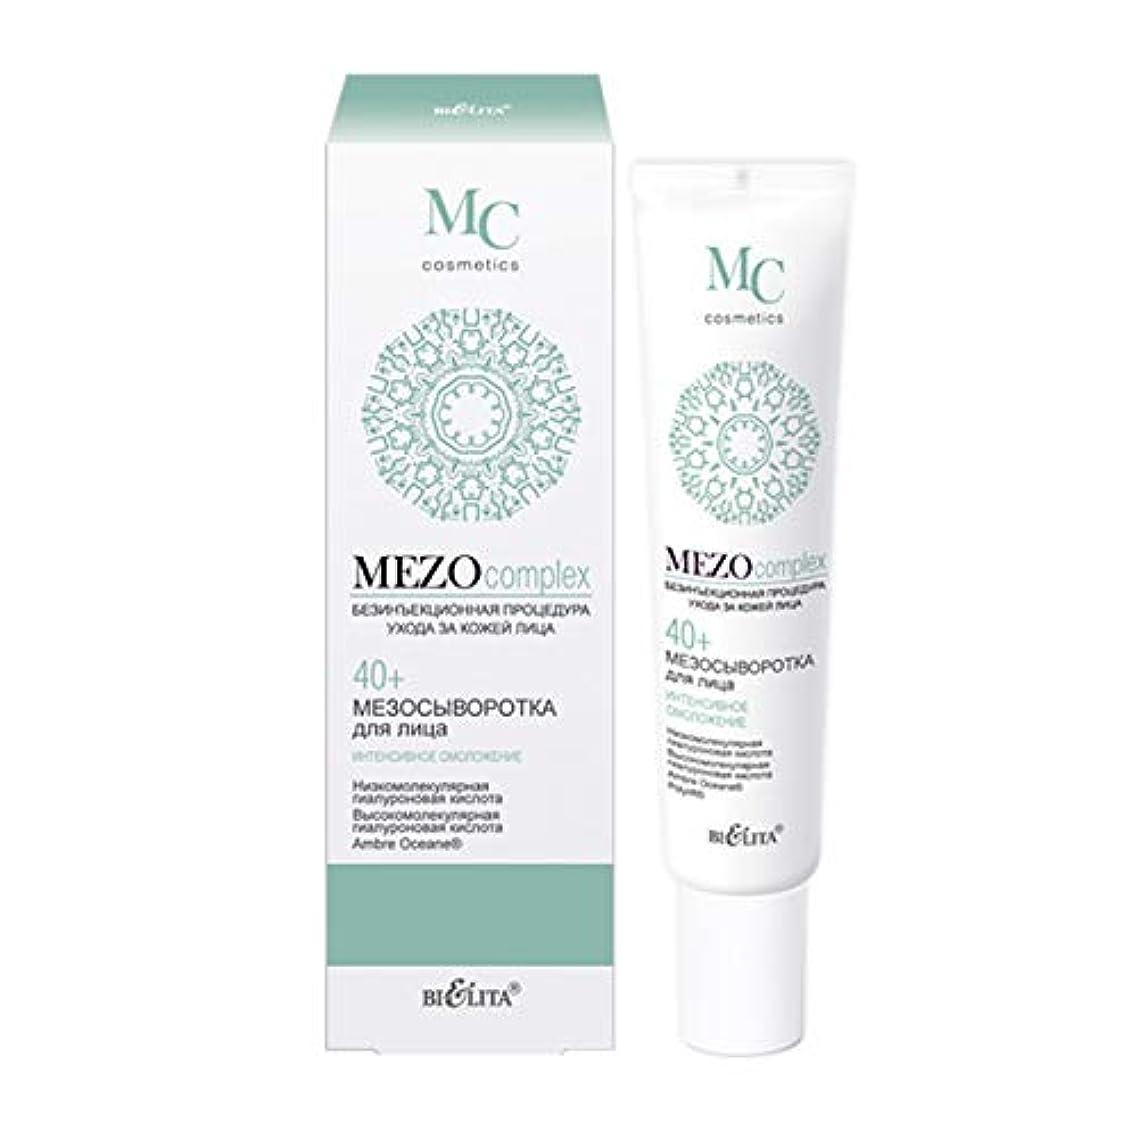 放映コンパニオン閉じ込めるMezo complex Serum Intensive Rejuvenation 40+ | Non-injection facial skin care procedure | Ambre Oceane | Polylift...